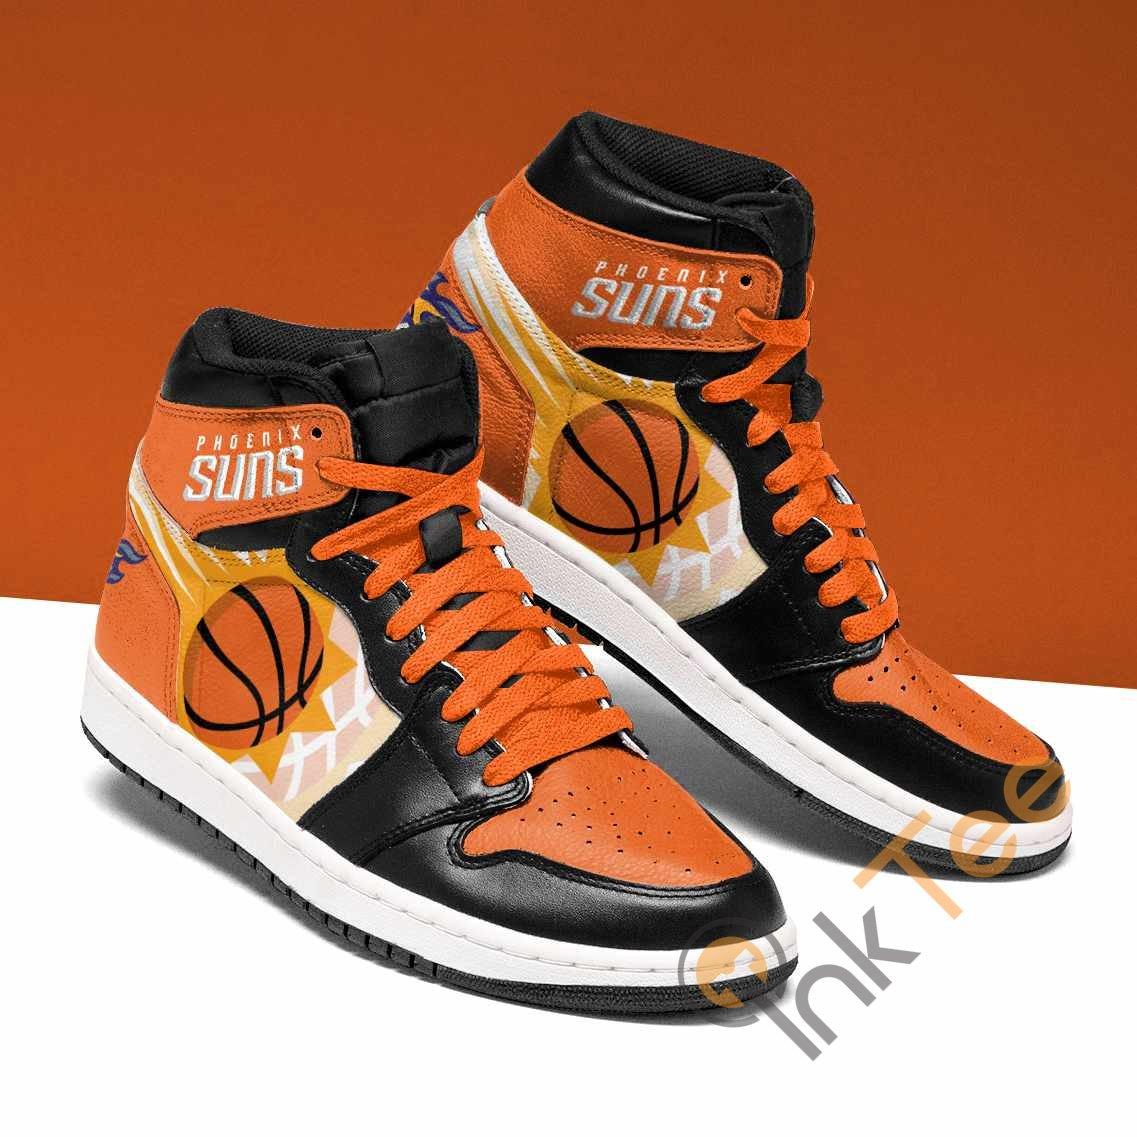 Phoenix Suns Custom Air Jordan Shoes